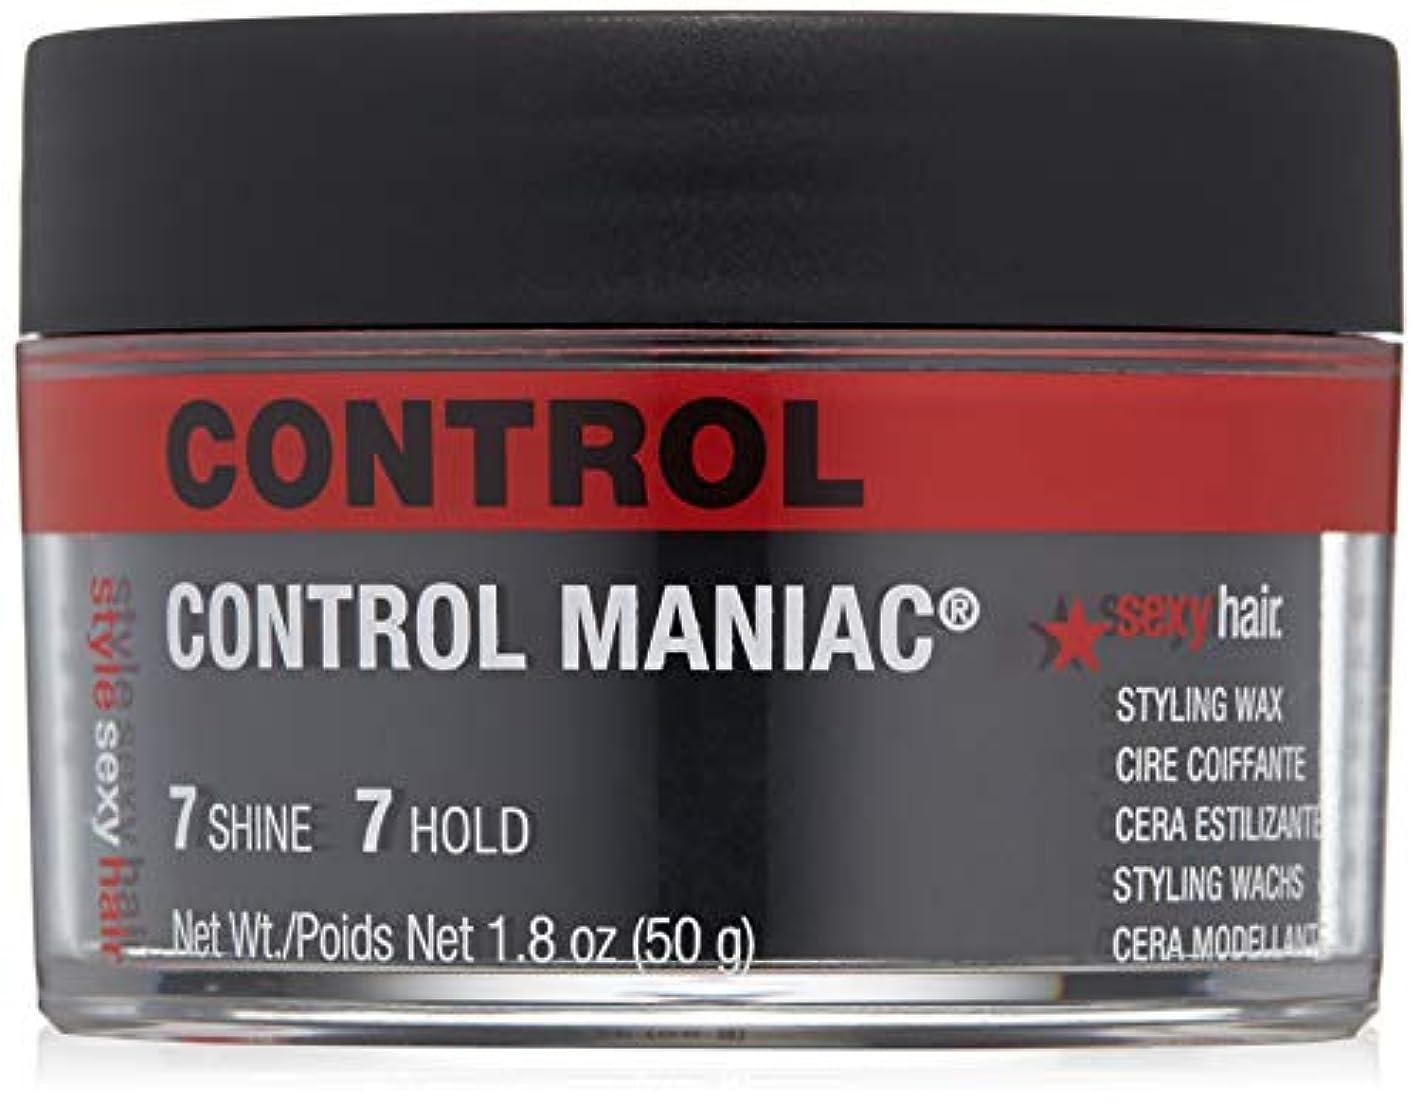 マリン単につまらないセクシーヘアコンセプト - スタイル ワックス コントロール マニアック スタイリング ワックス - 50g/1.8oz